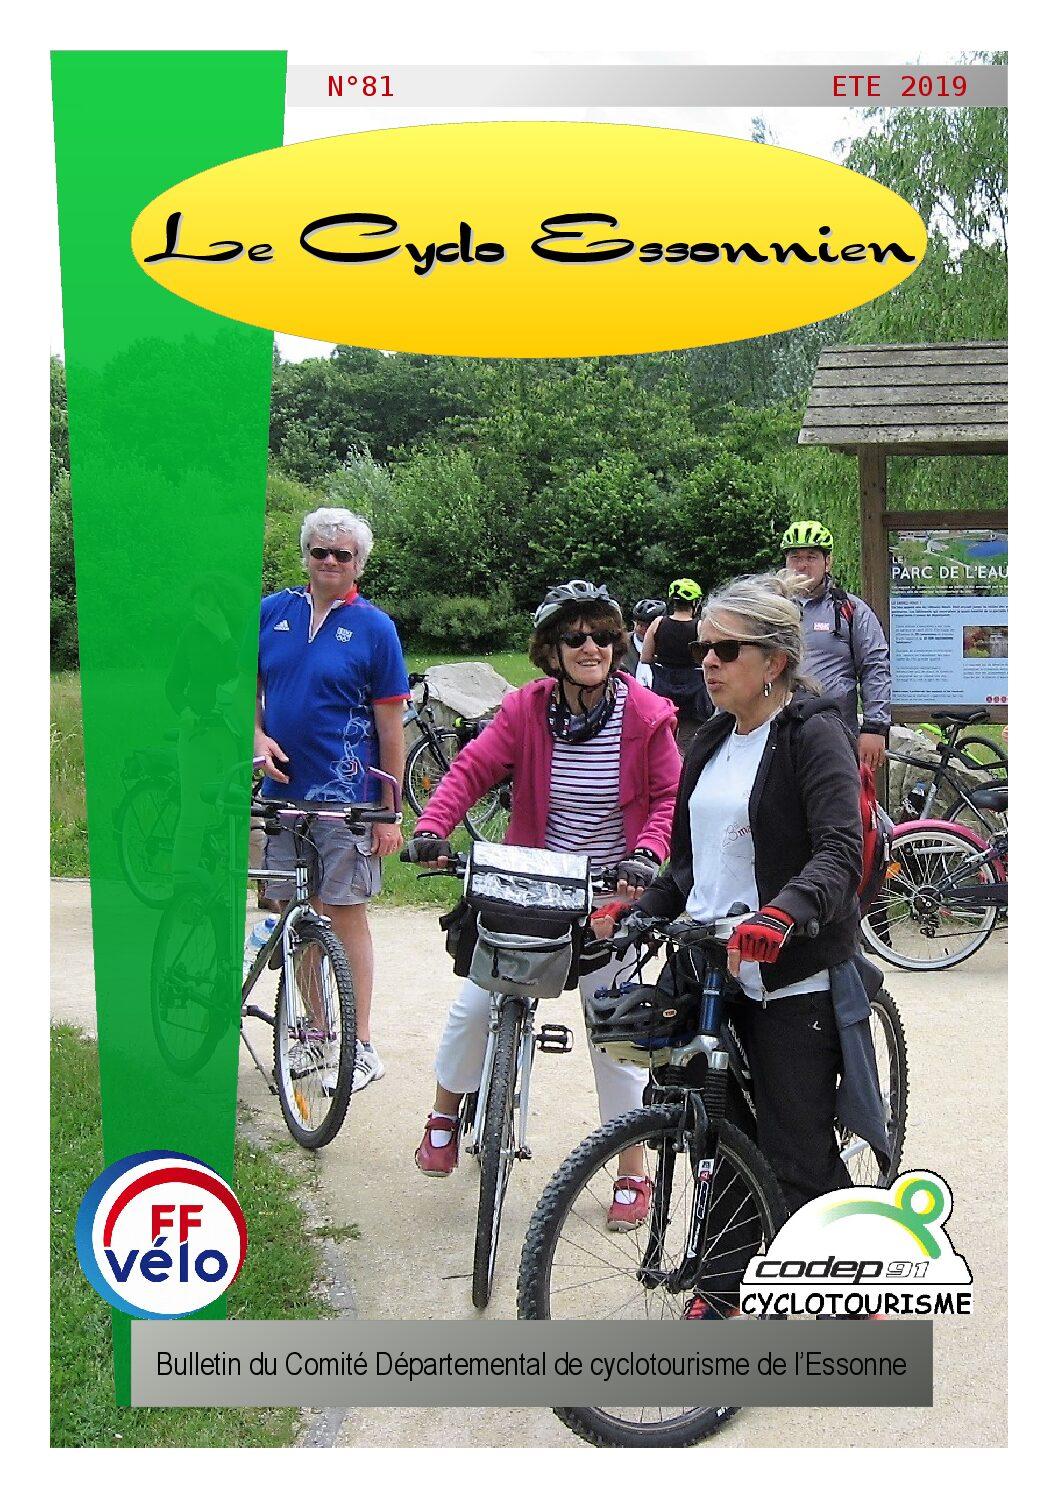 Le Cyclo Essonnien n°81